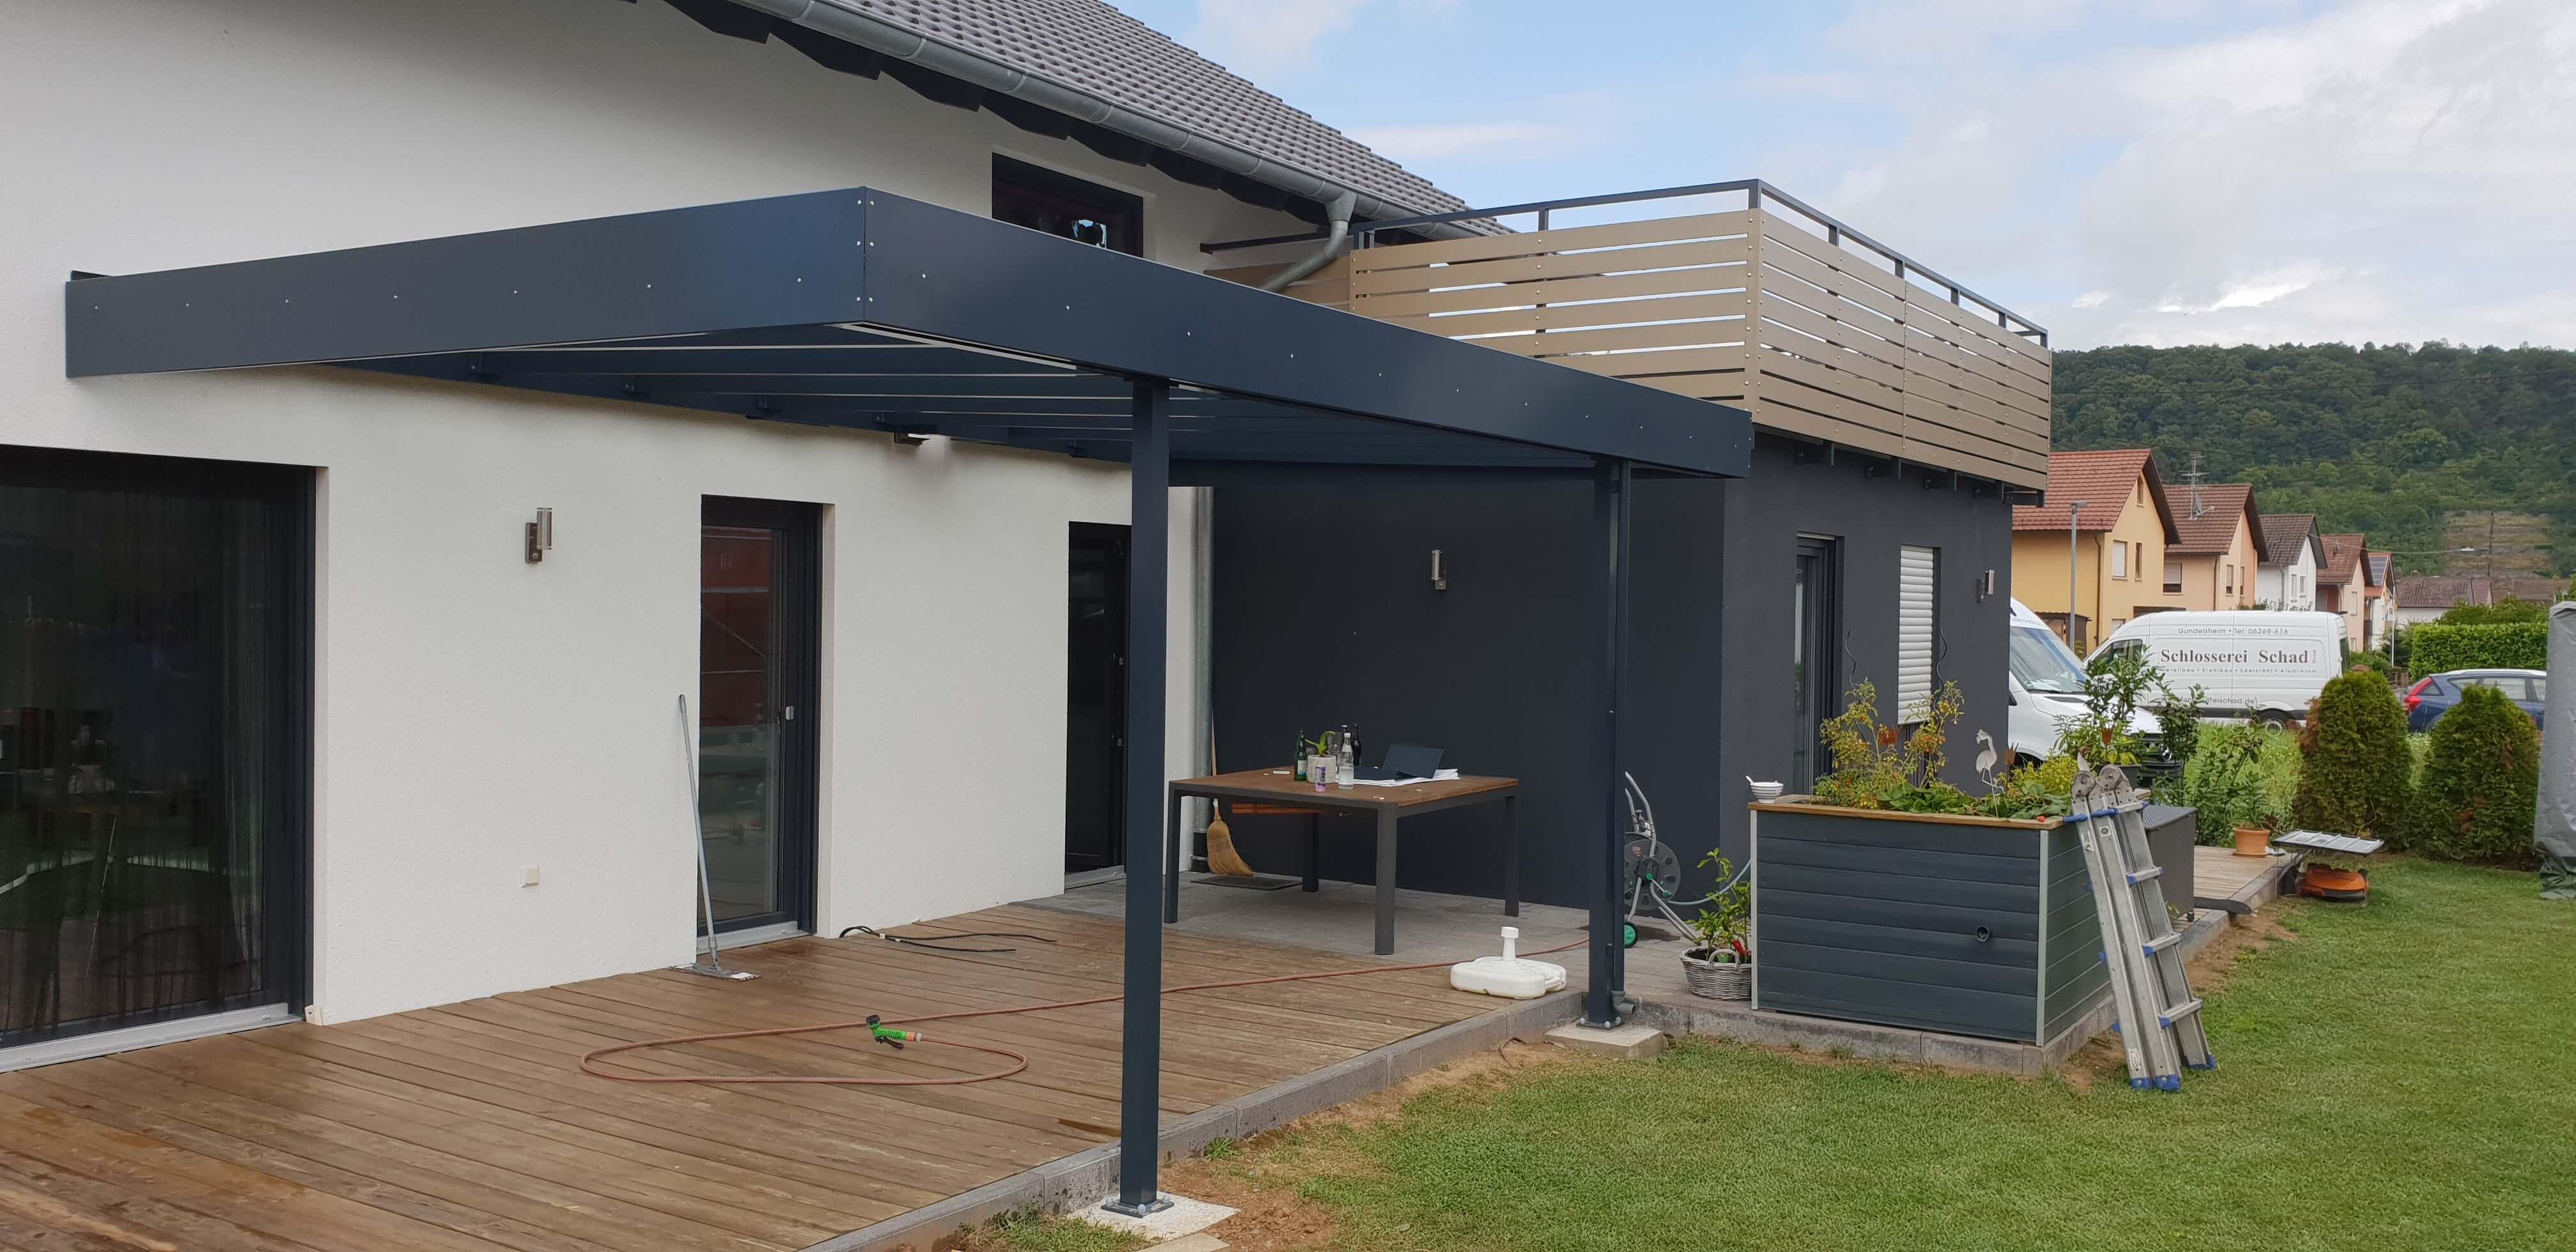 Terrassenüberdachung und Balkongeländer aus Aluminium, pulverbeschichtet